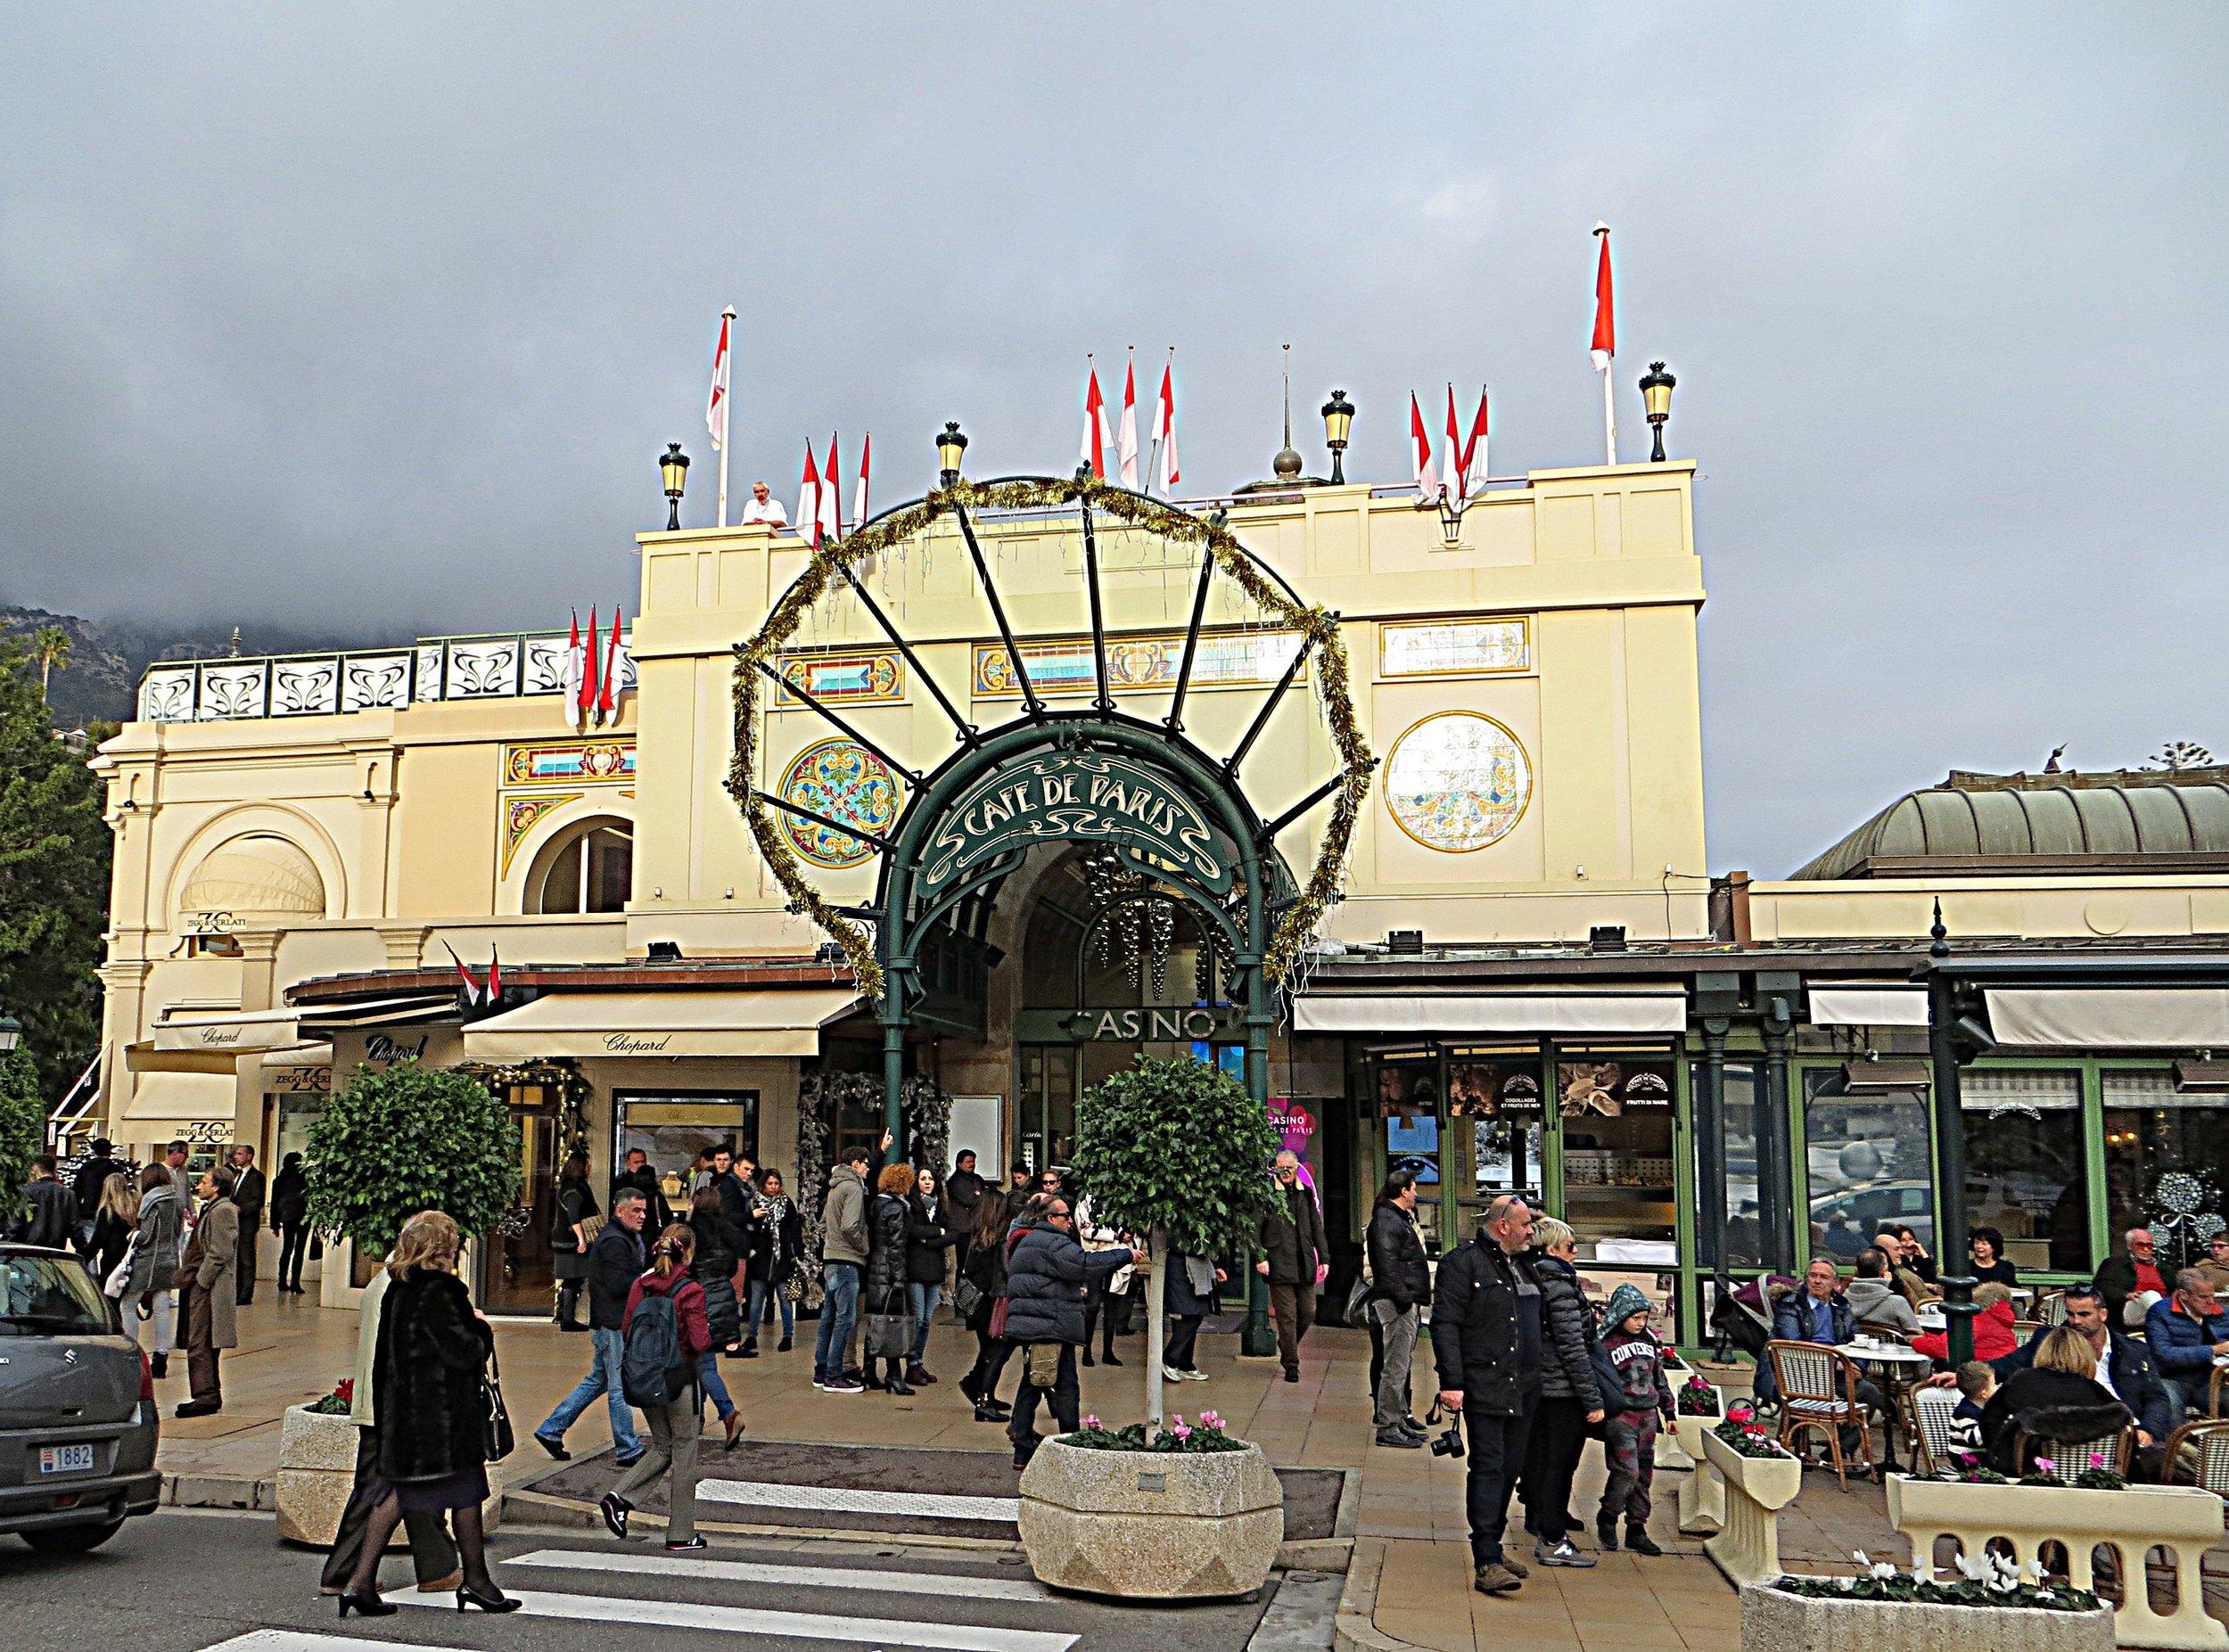 Café de Paris Hospitality - From £235 per person